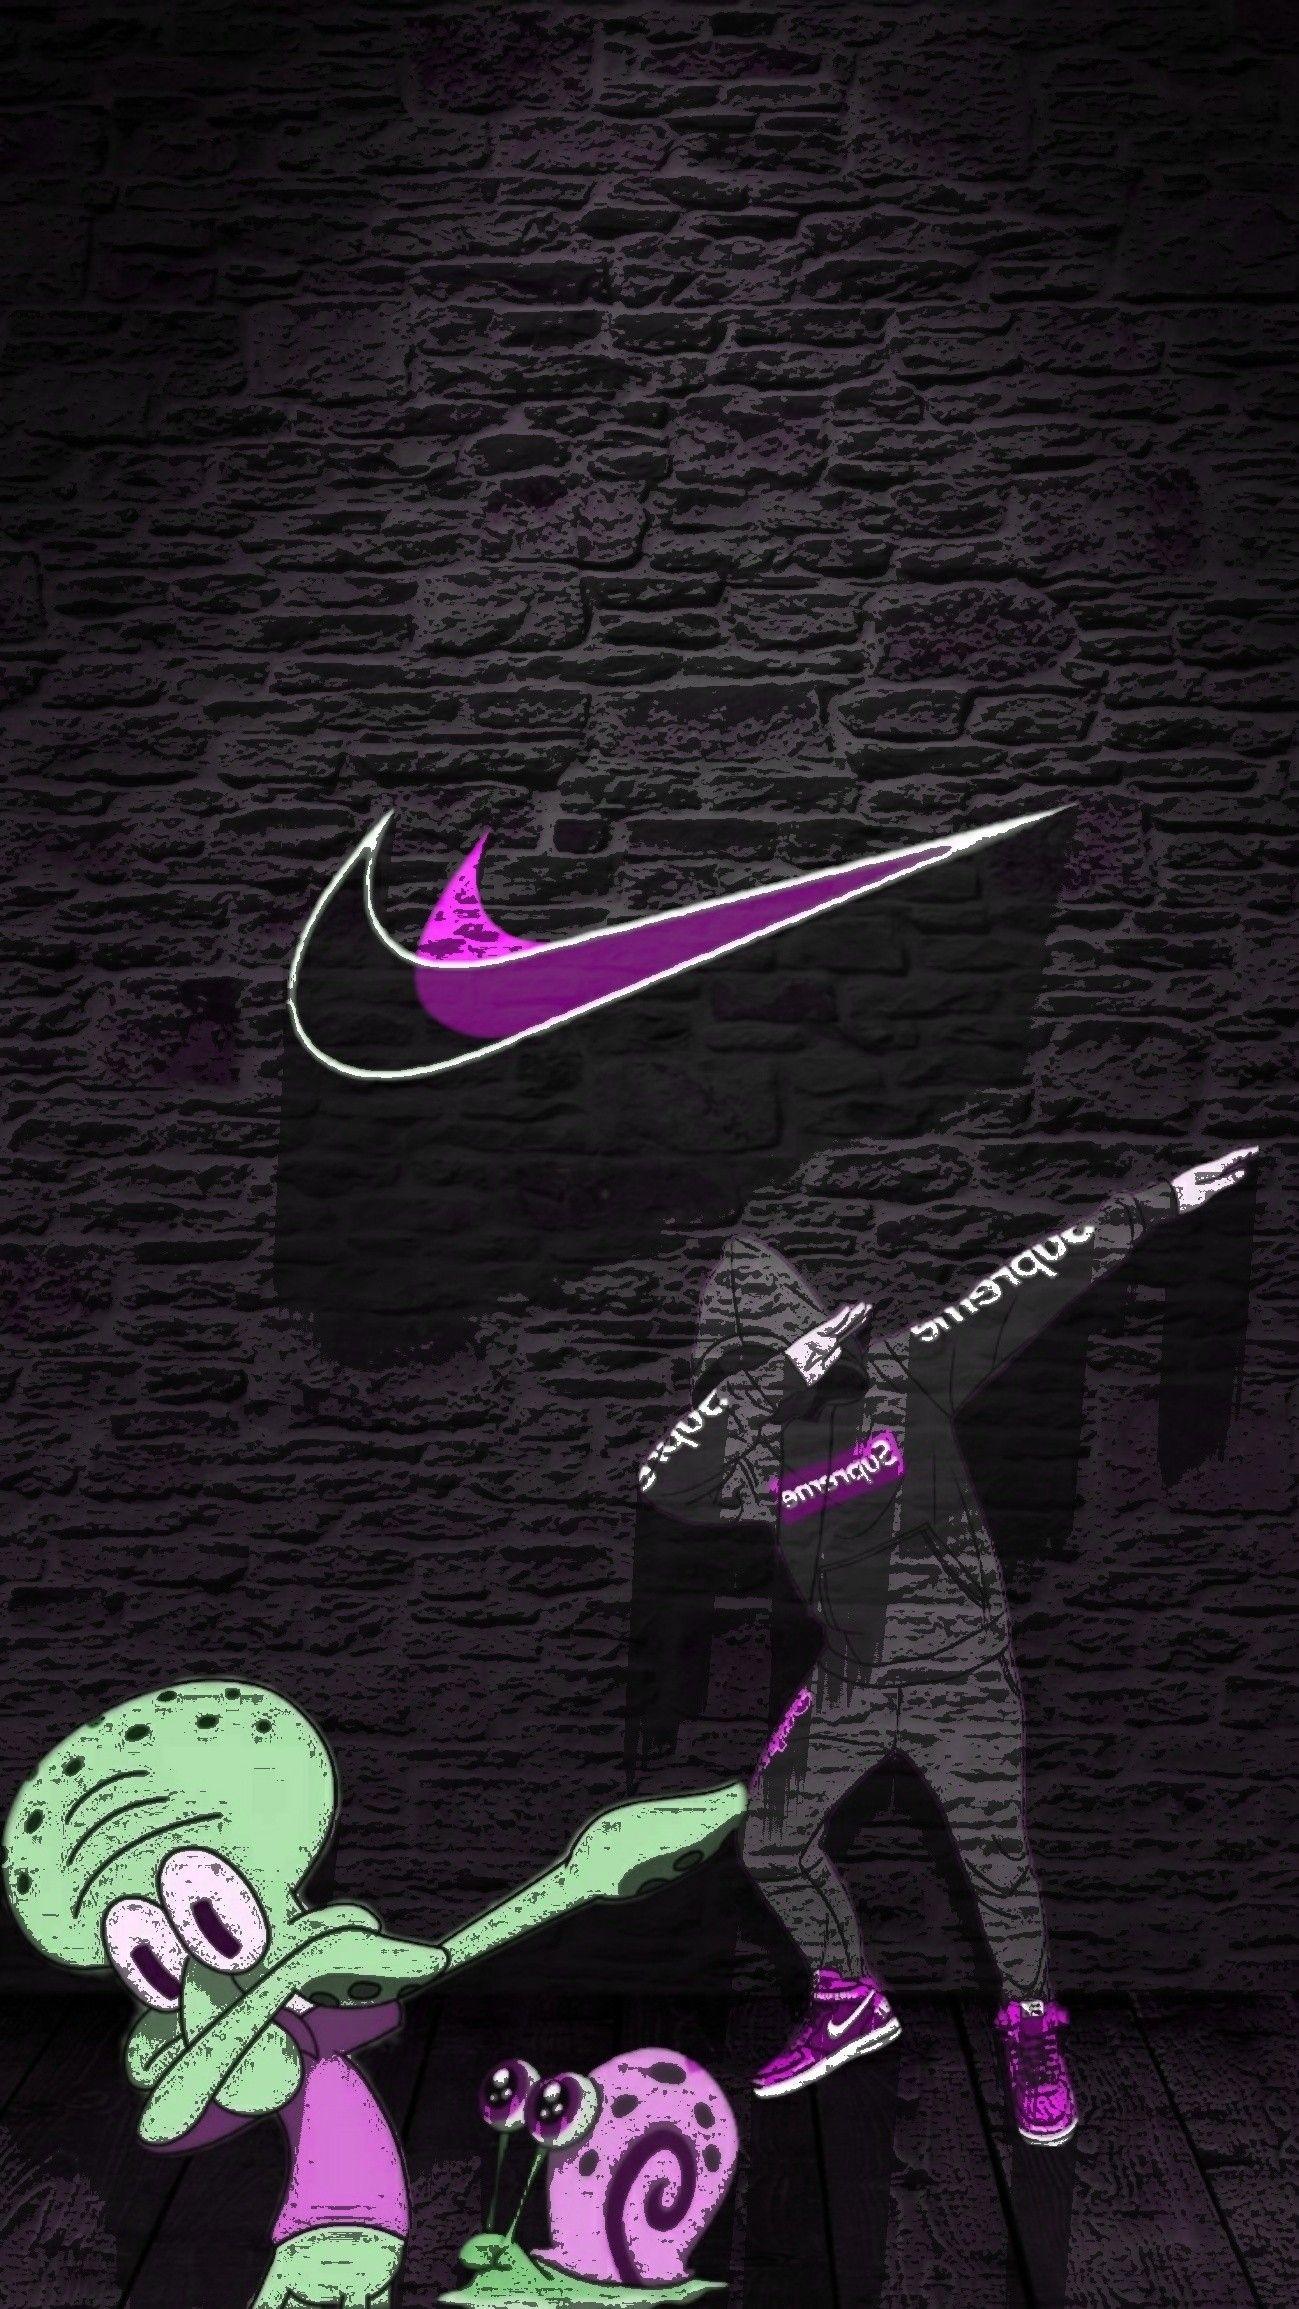 Pin on Nike wallpaper